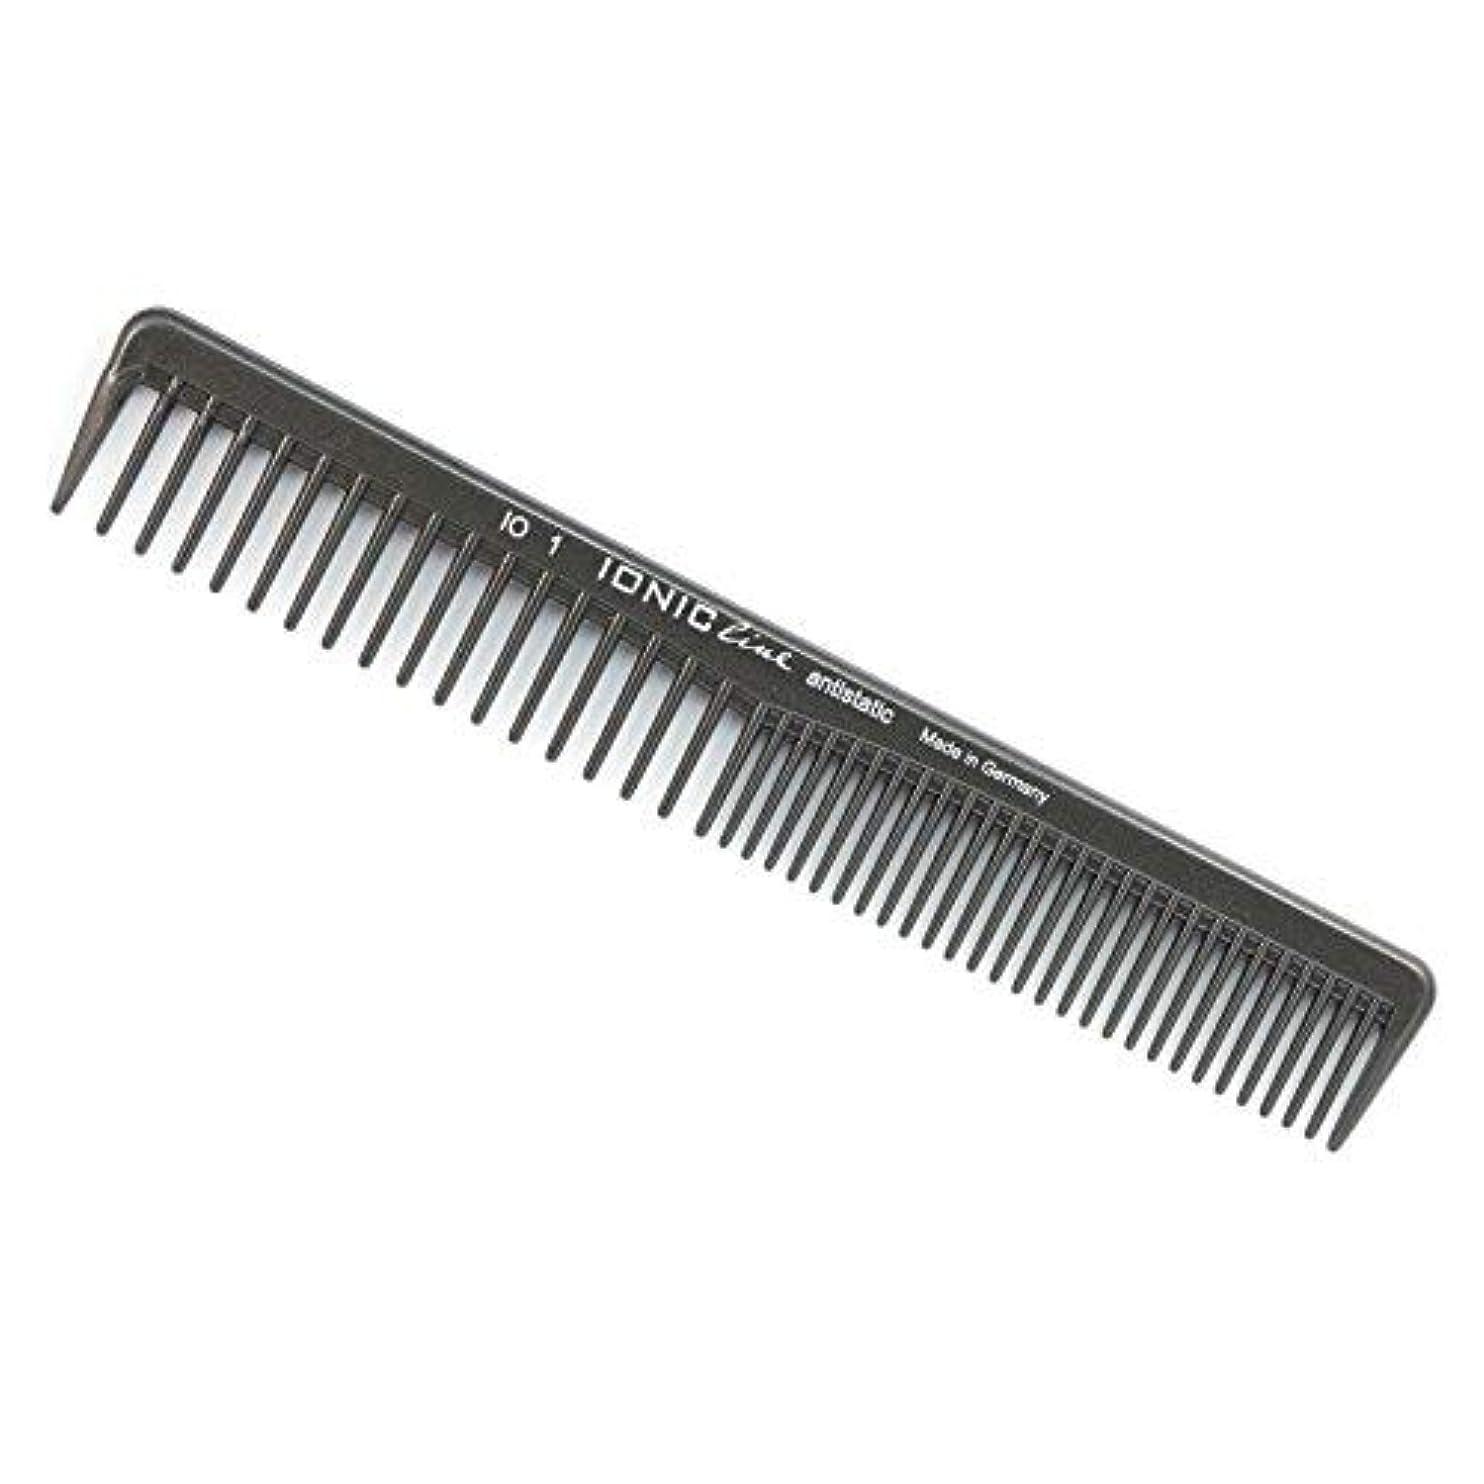 タイトかわす消化器Hercules S?gemann Ionic Line Cutting Comb with coarse and Very coarse Teeth | Ionized Thermoplastic - Made in...